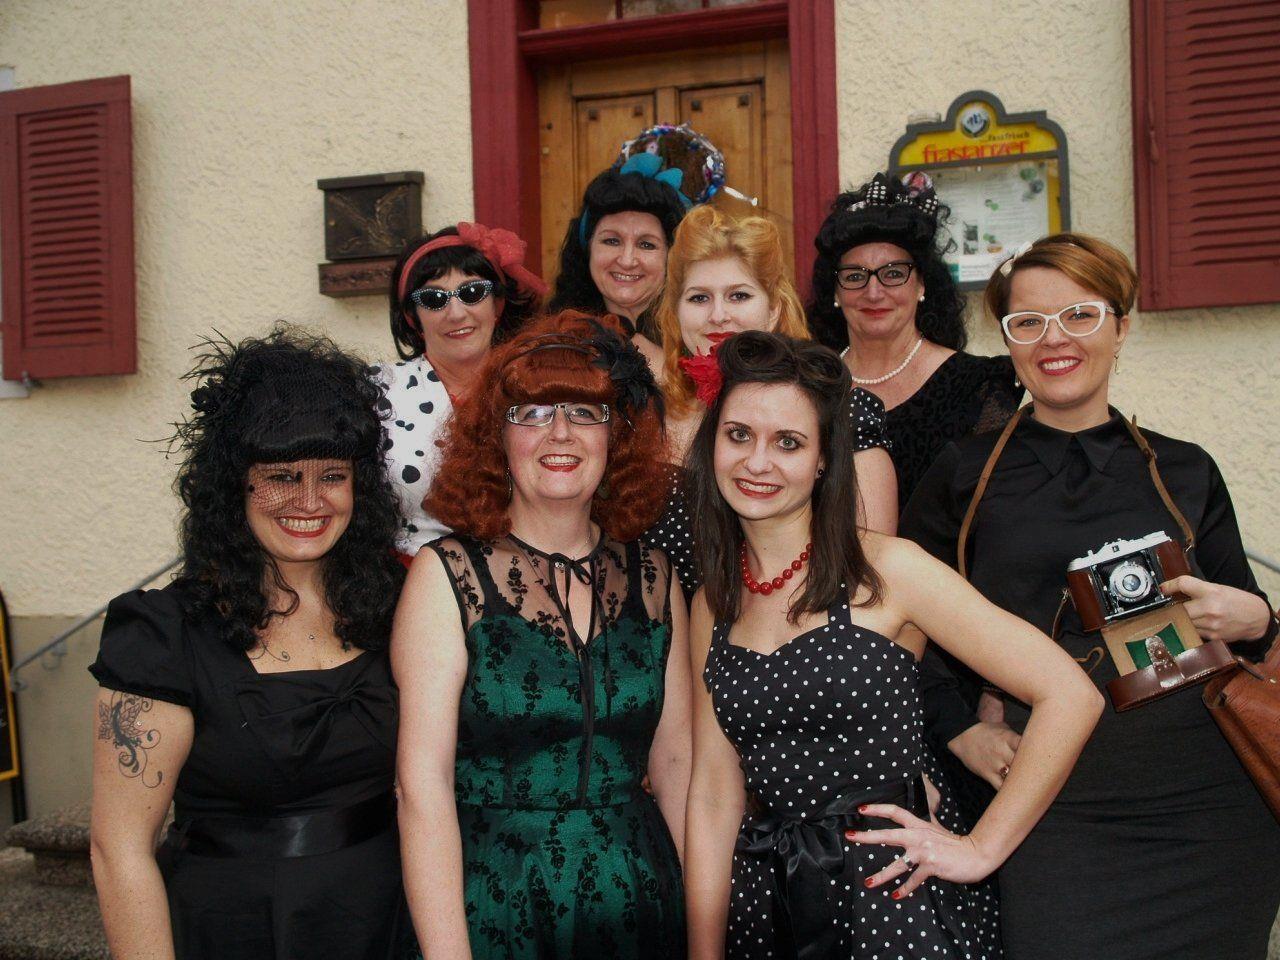 Die Tee-Kränzle Party im Rankweiler Hof  gehört zum festen Bestandteil des Vorarlberger Faschingskalenders.